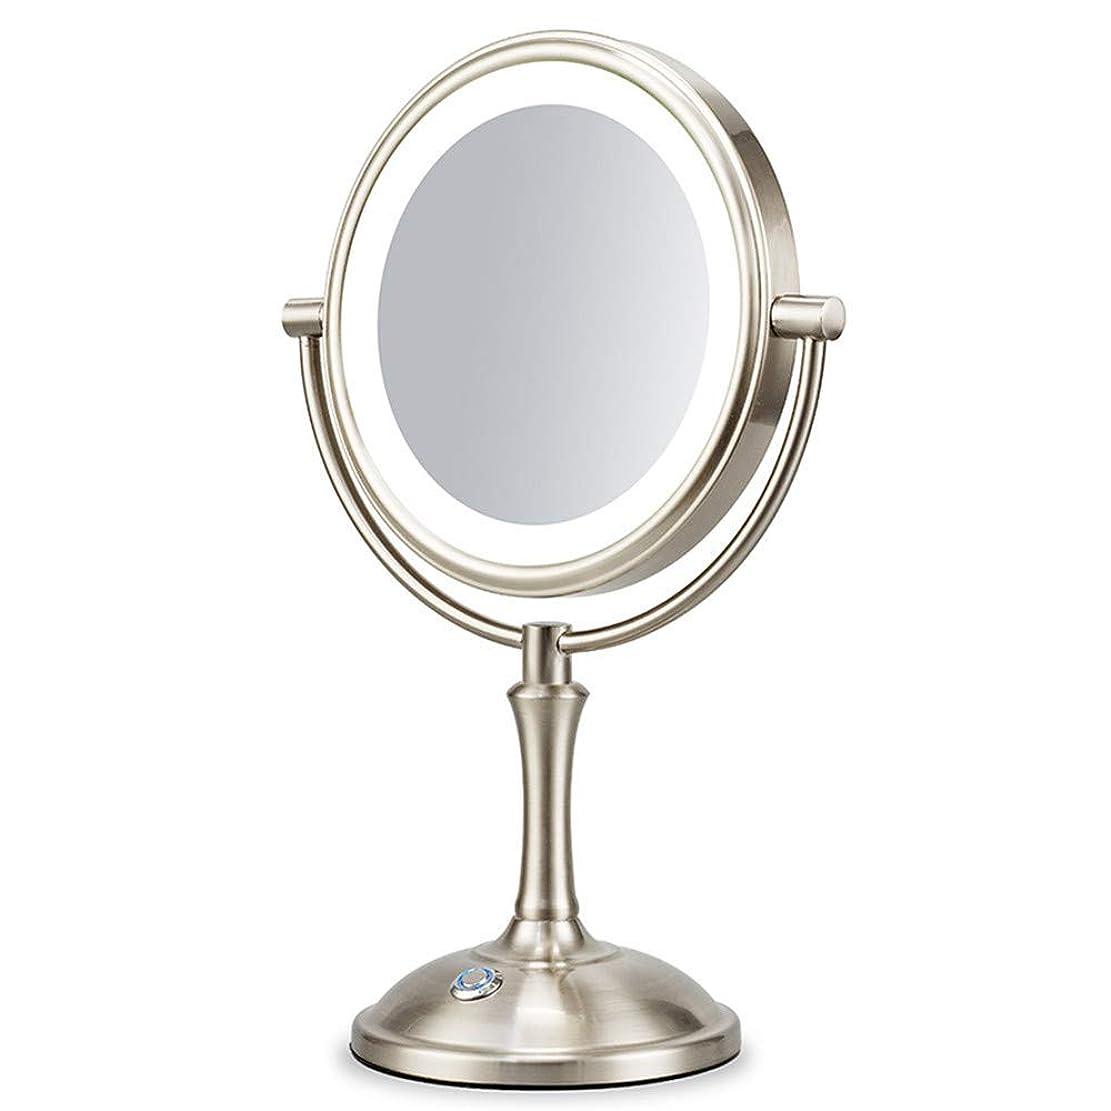 合計糸コイルLED化粧鏡、デスクトップミラー、ヨーロッパの虚栄心ミラー、照光式ハイライトミラー、タッチ調光